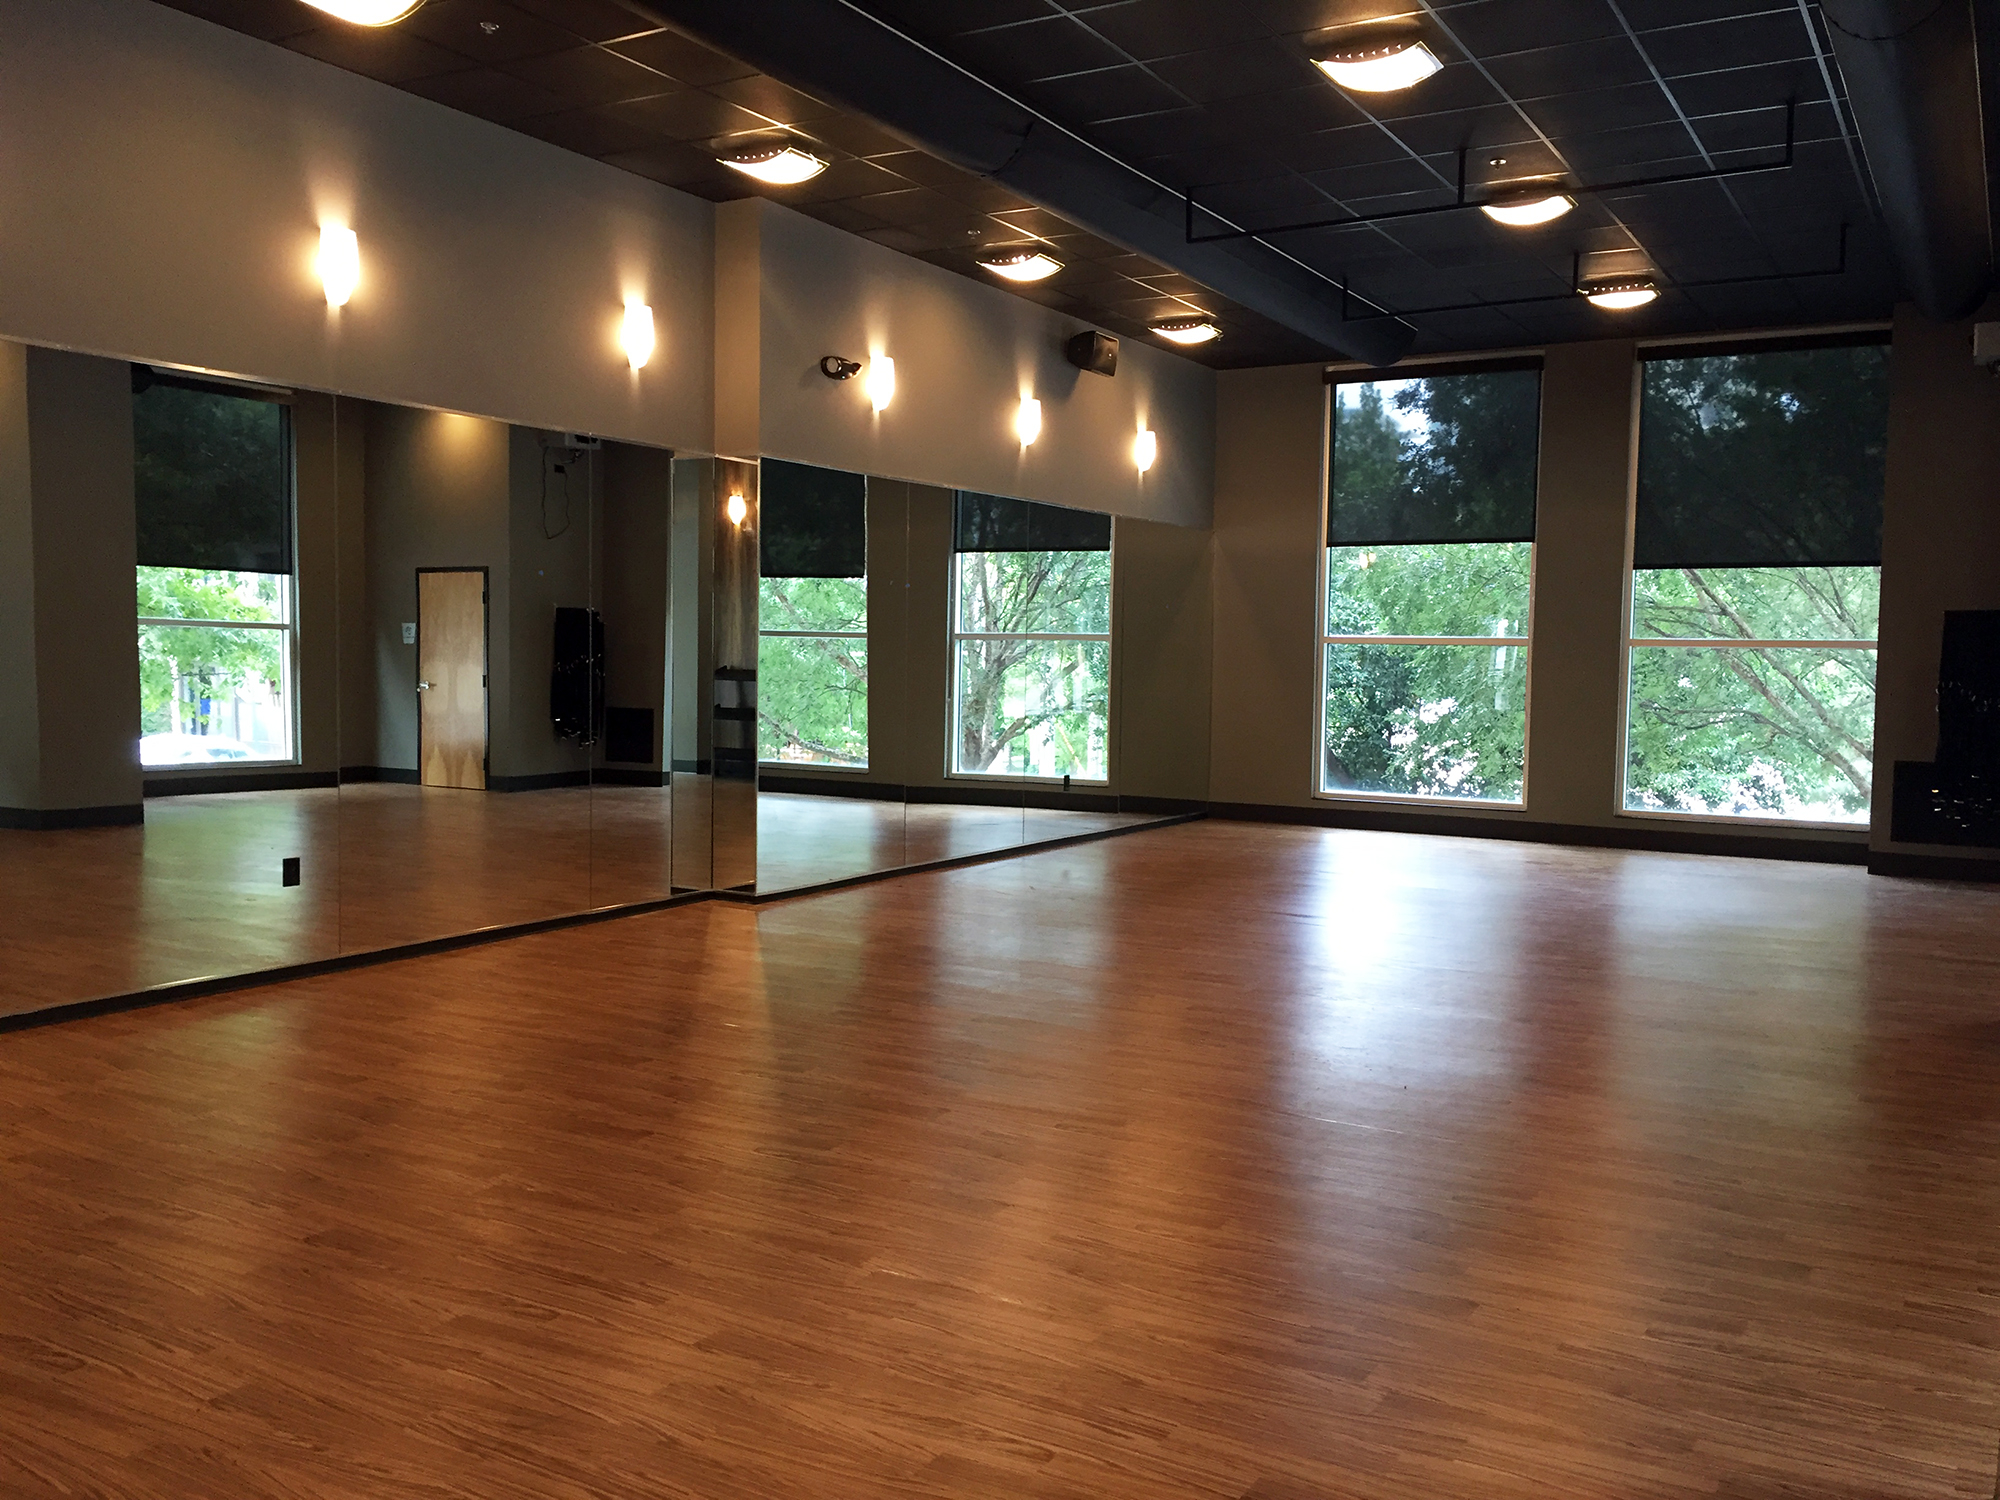 CorePower Yoga image 4